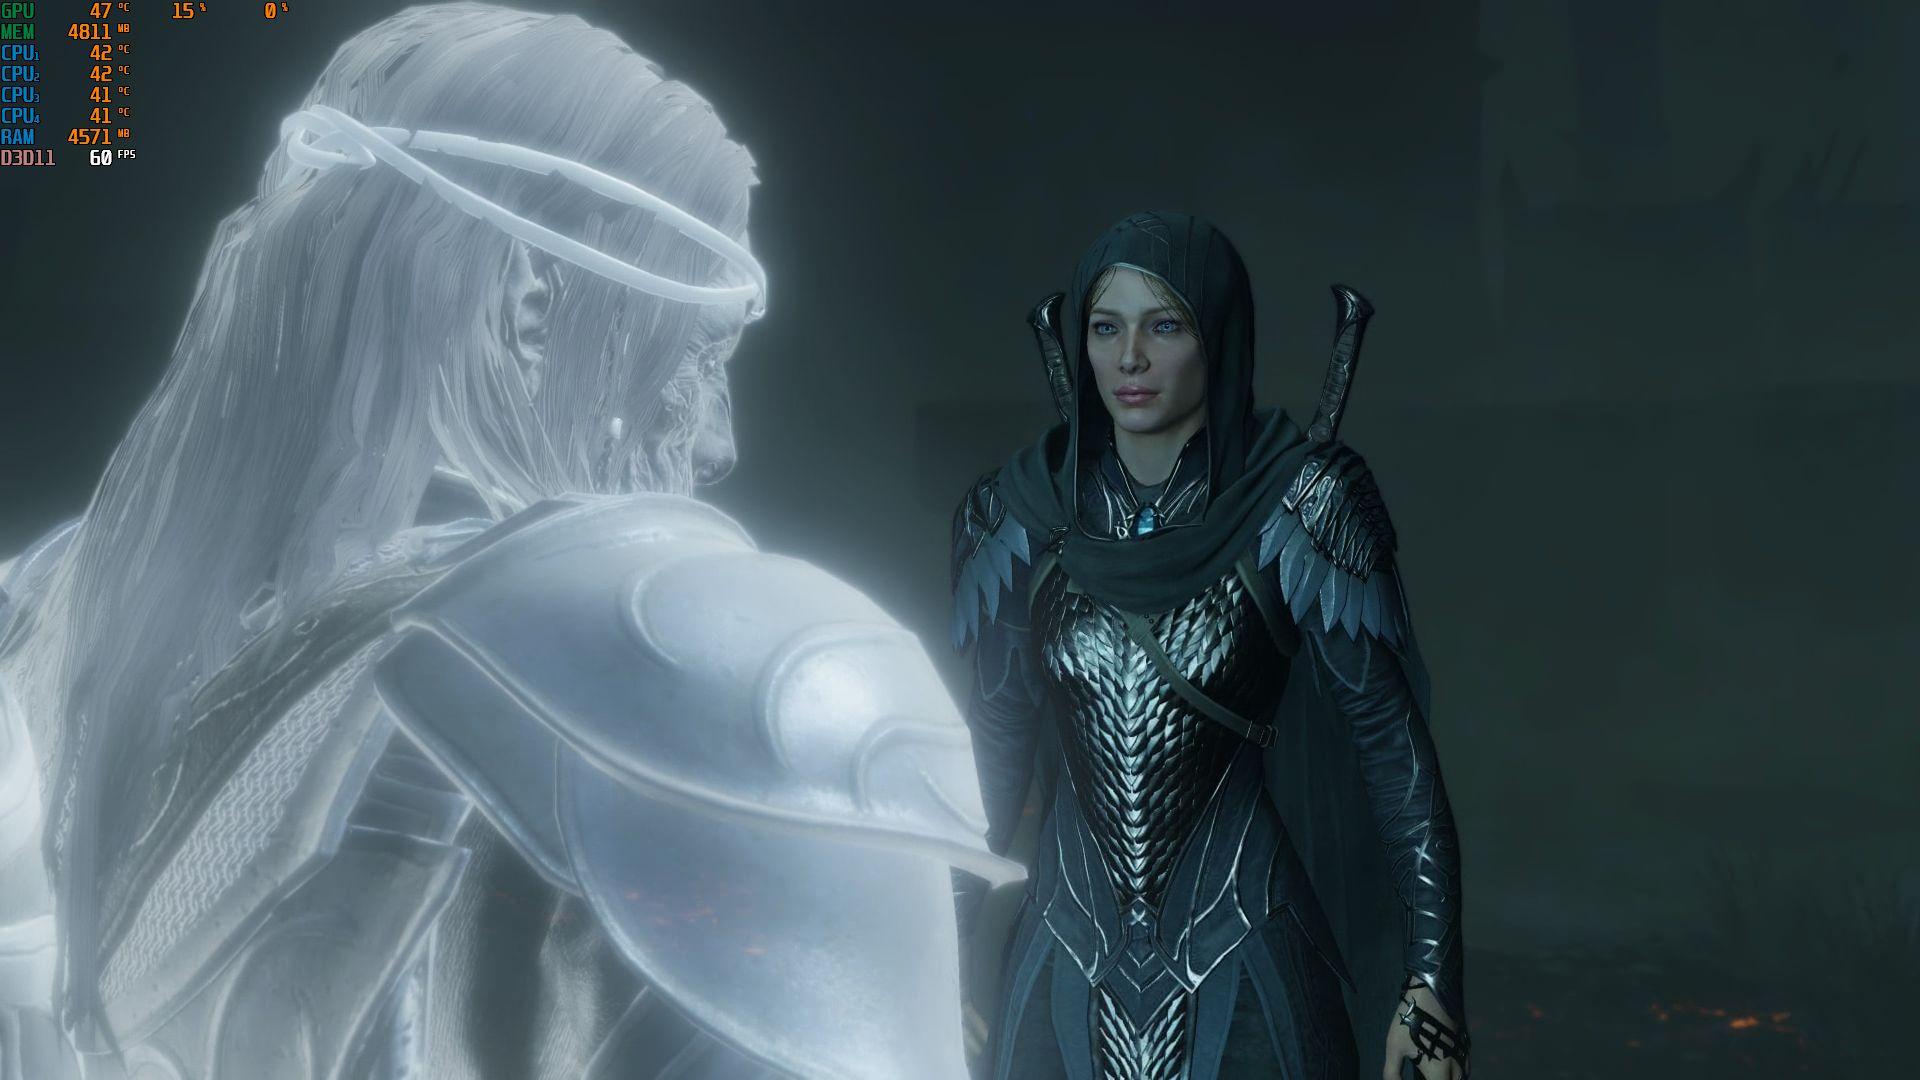 000126.Jpg - Middle-earth: Shadow of War